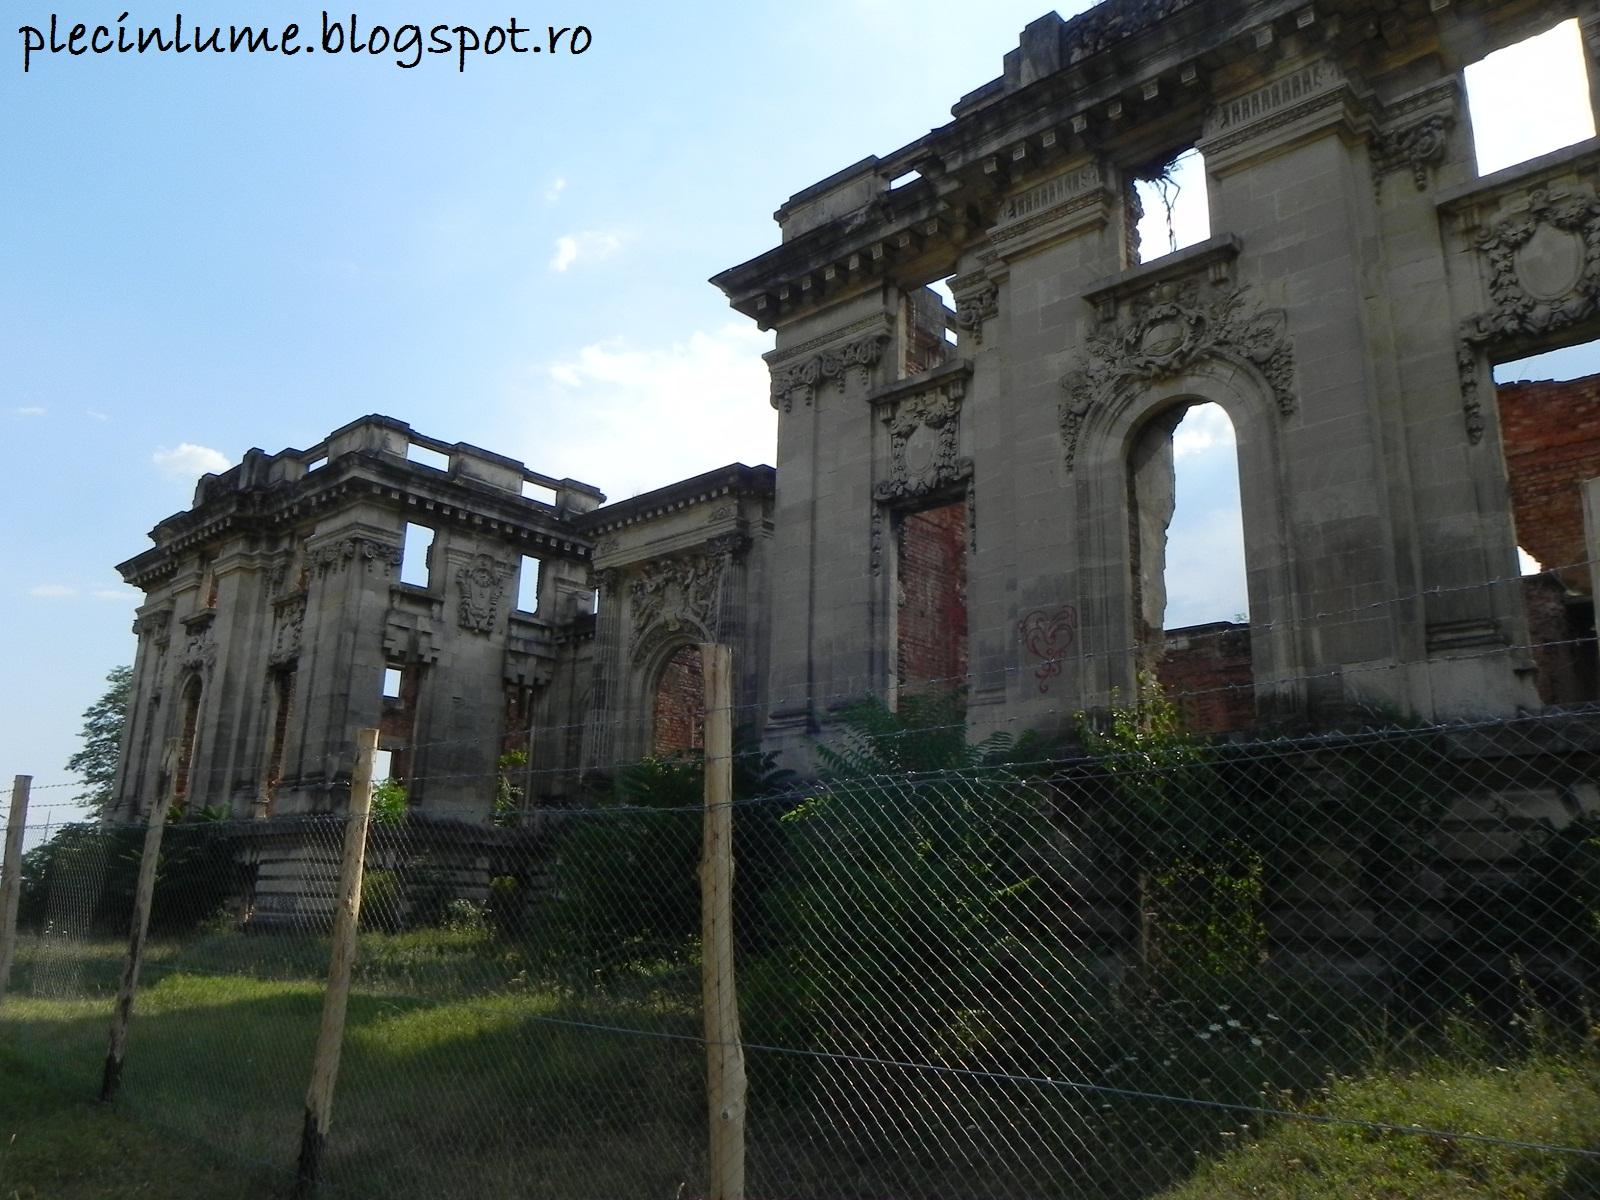 Micul Trianon azi in ruine